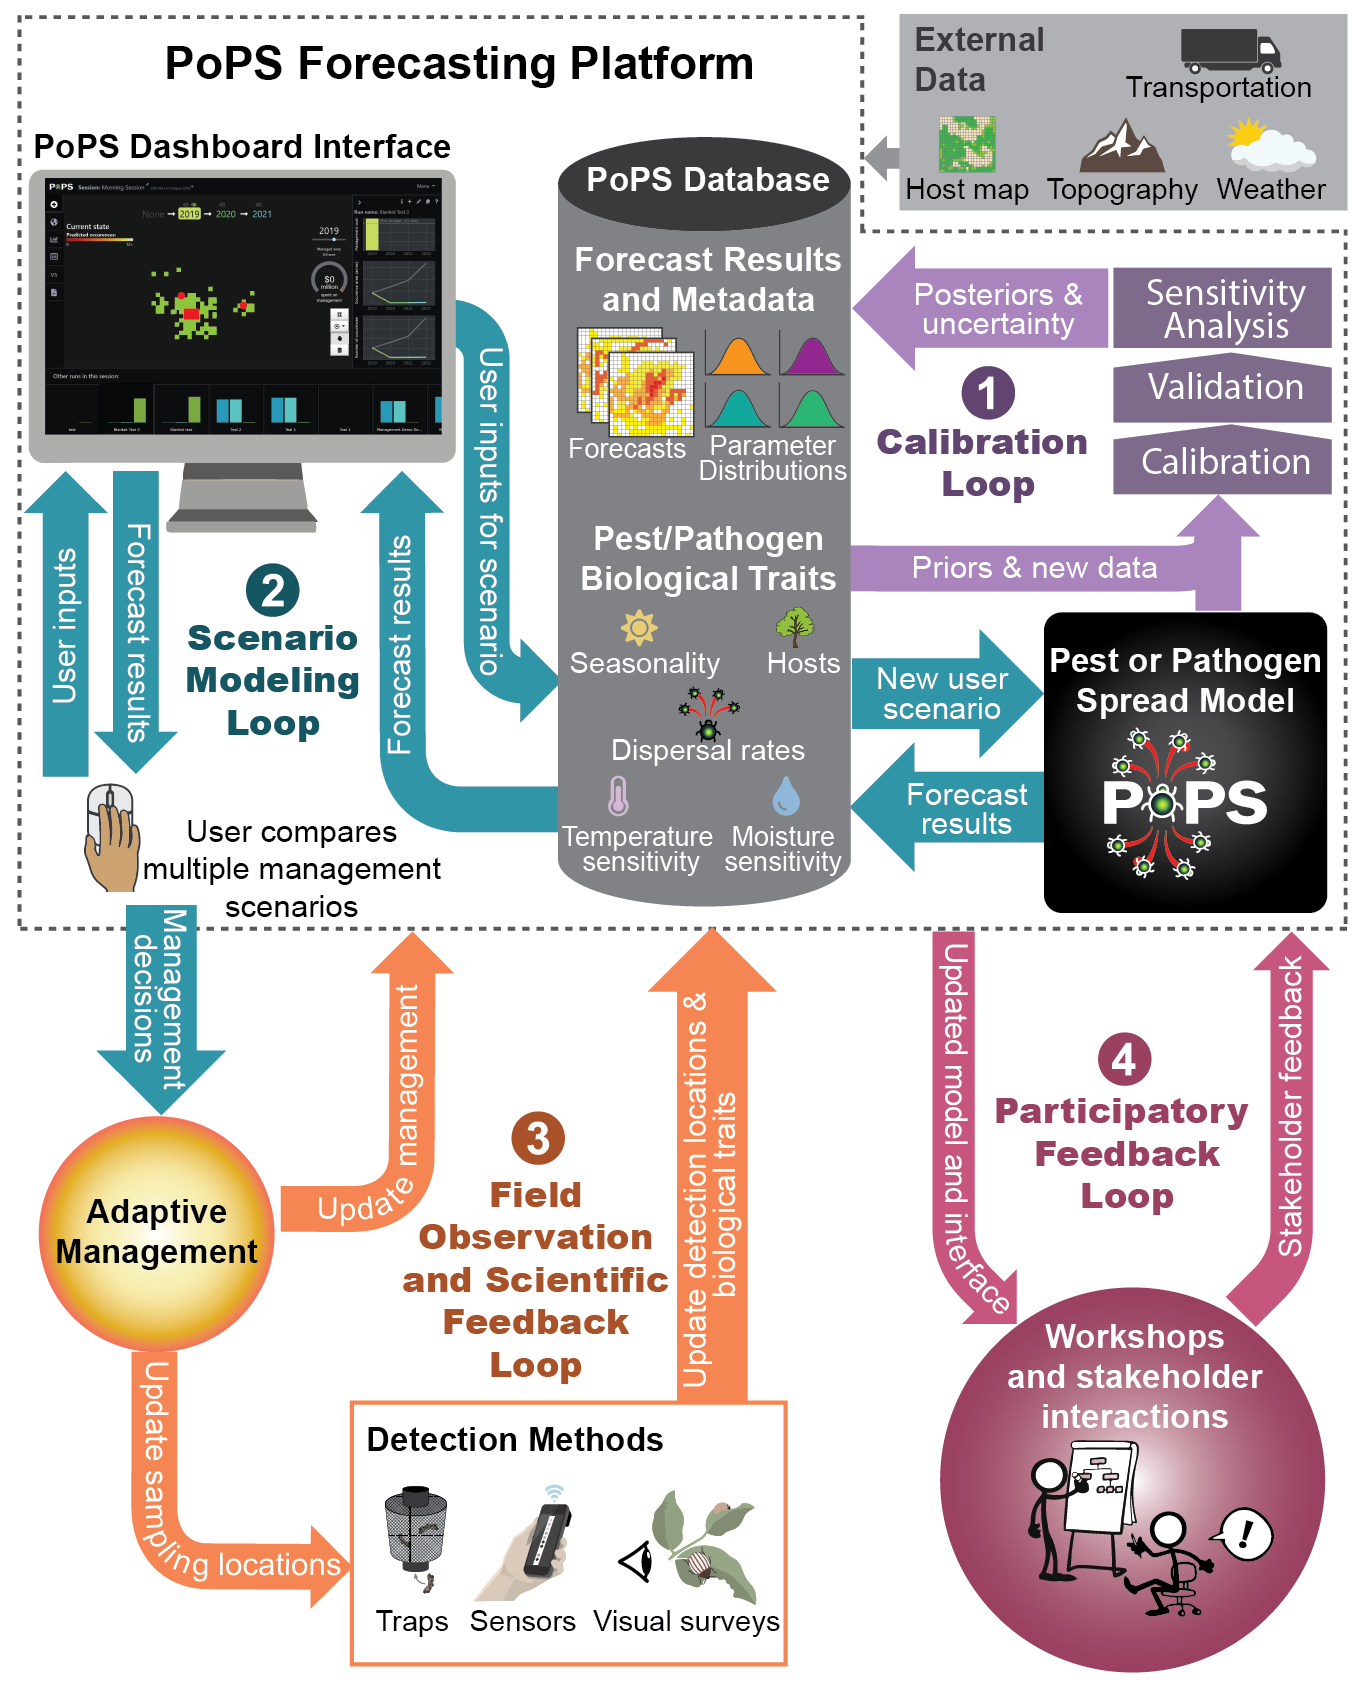 The PoPS Platform